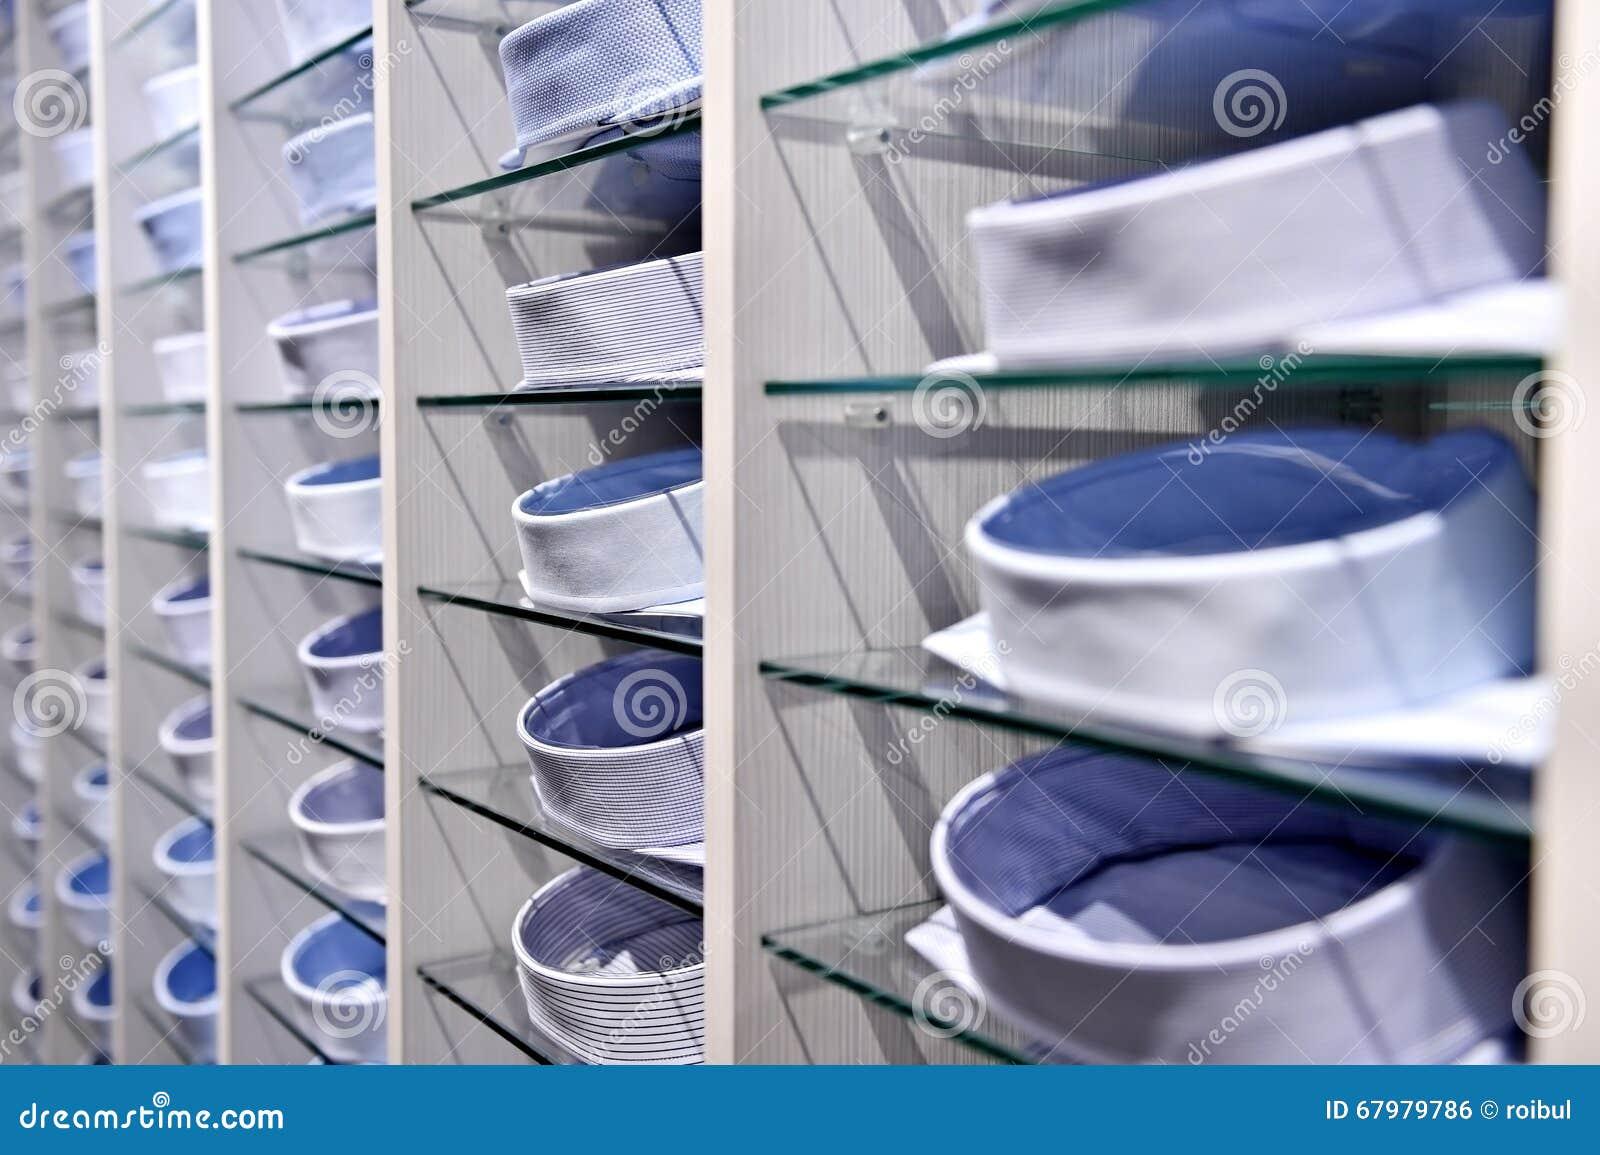 48dab374f68a Κομψά πουκάμισα στα ράφια σε ένα κατάστημα Στοκ Εικόνες - εικόνα από ...